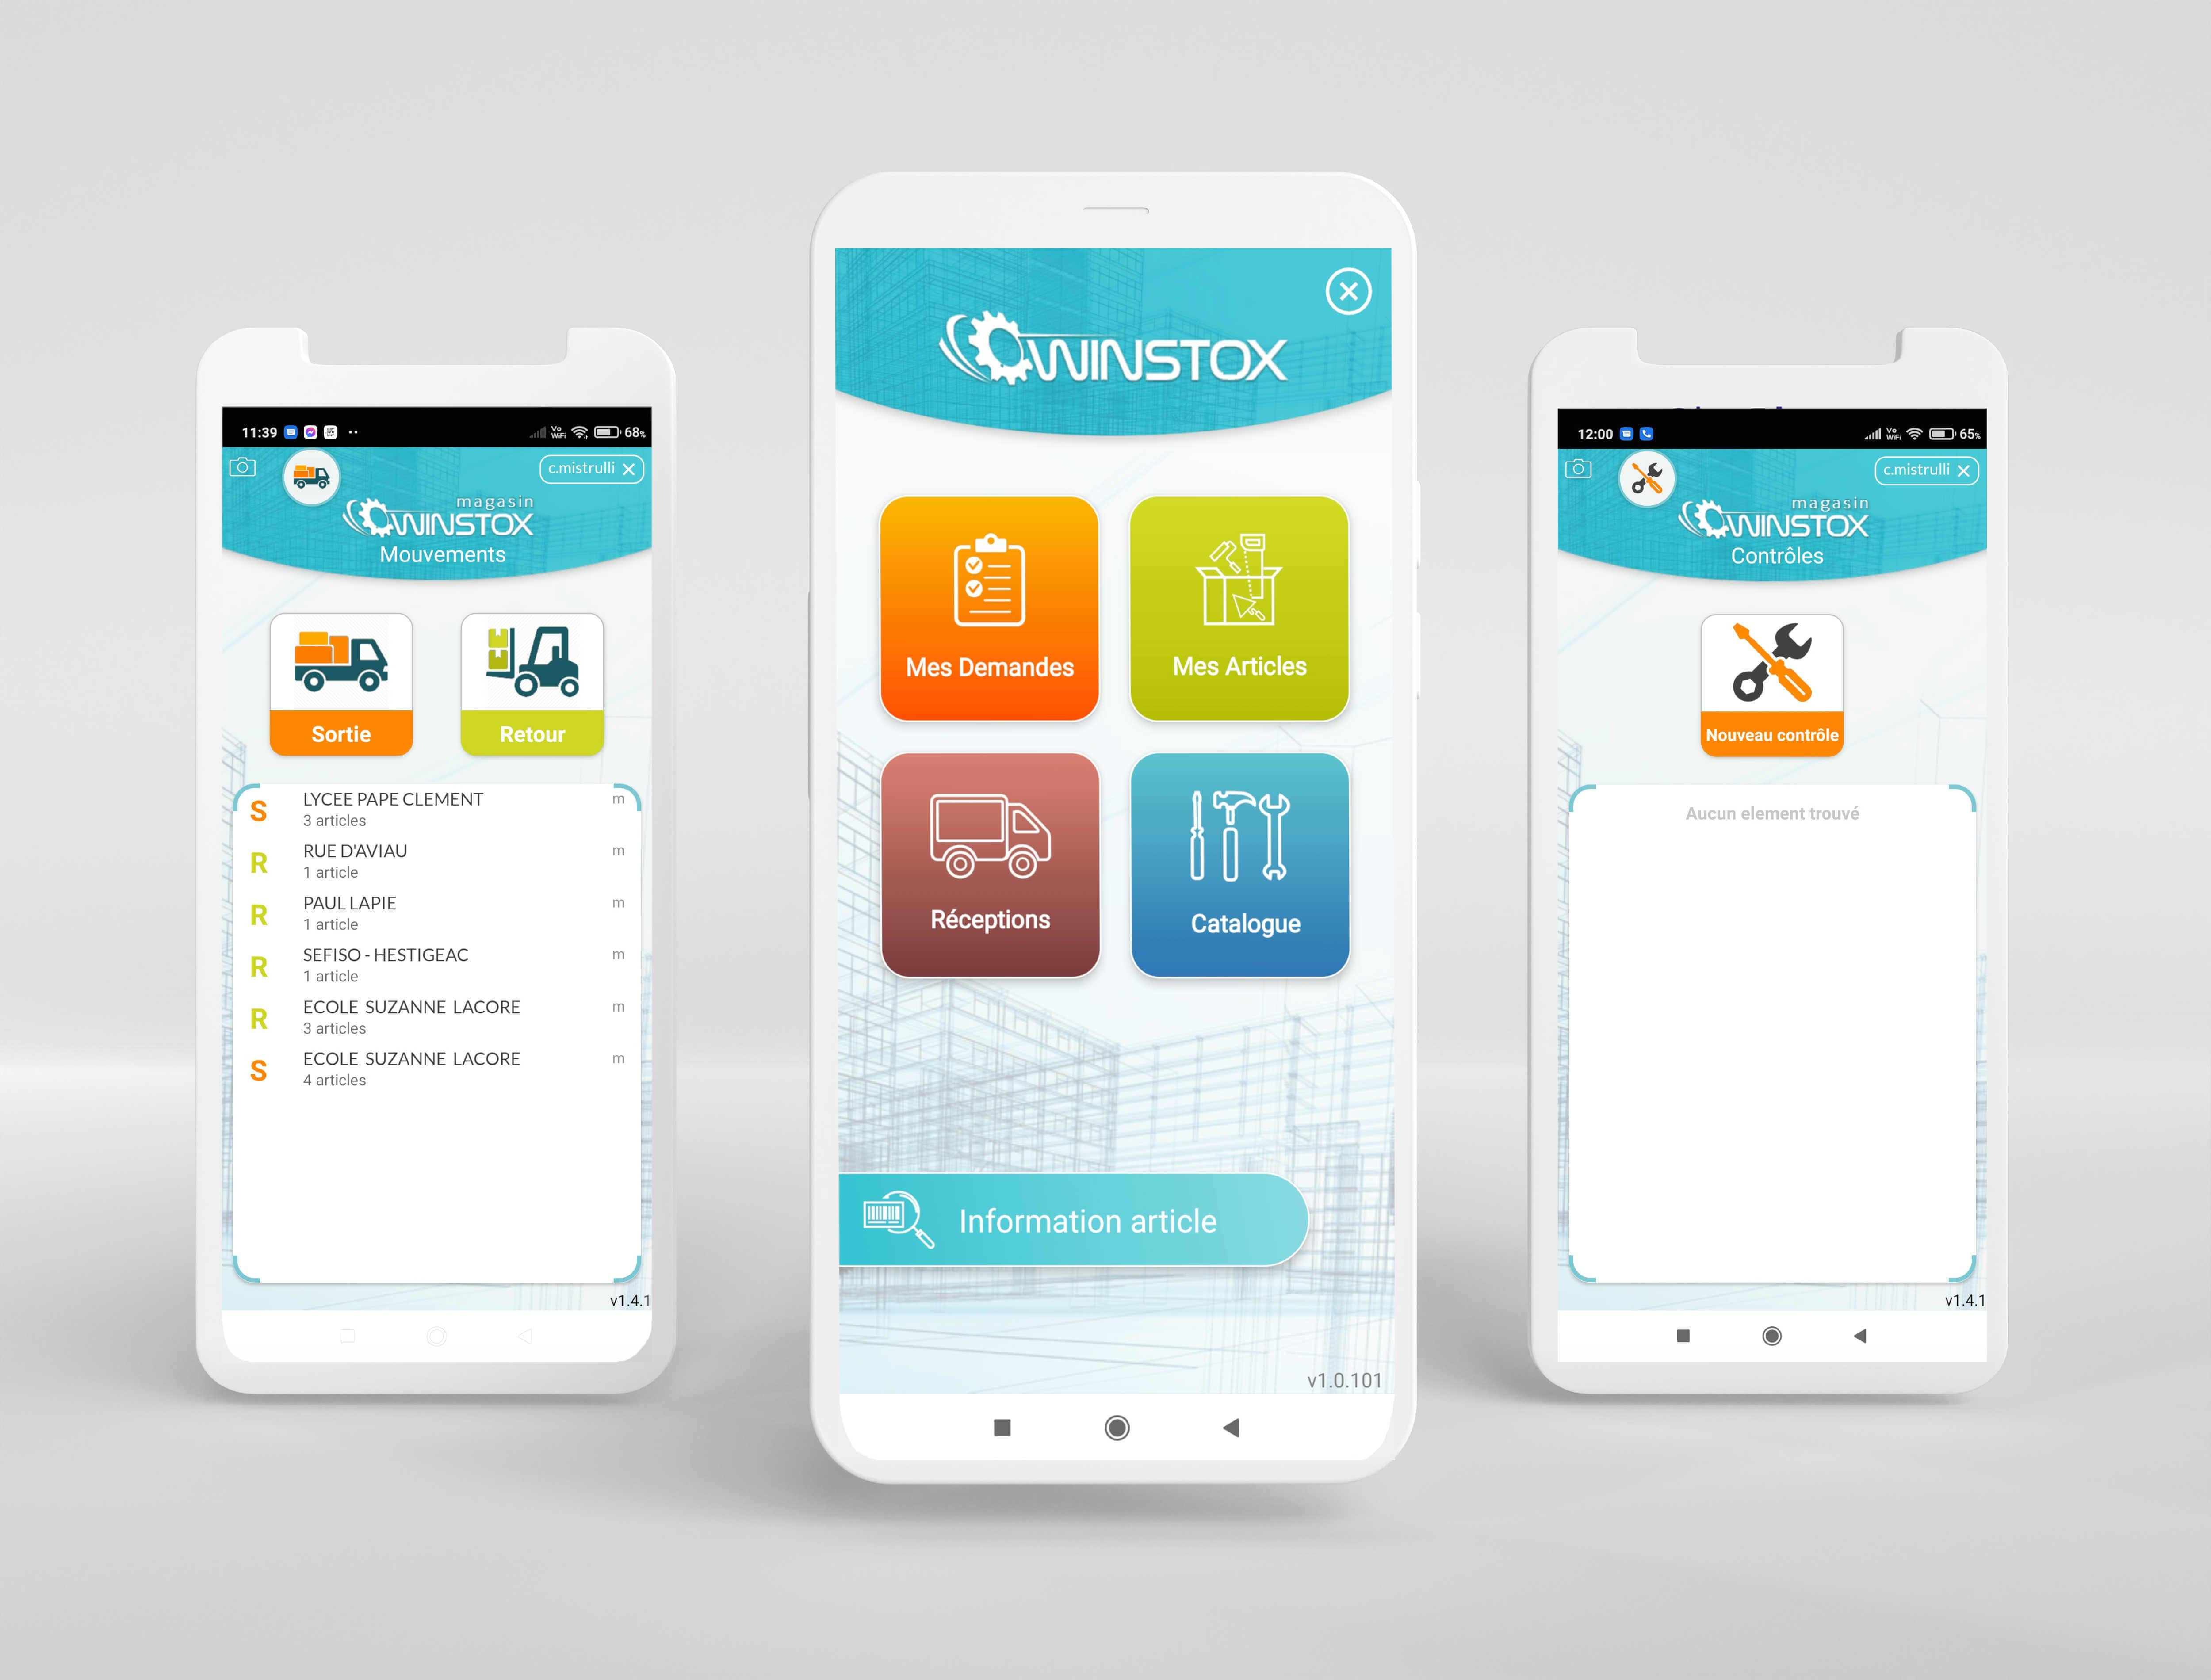 Découvrez les applications Android Winstox dédié aux magasins pour plus de mobilité, une meilleure fiabilité des données et de la rapidité dans le traitement des demandes.